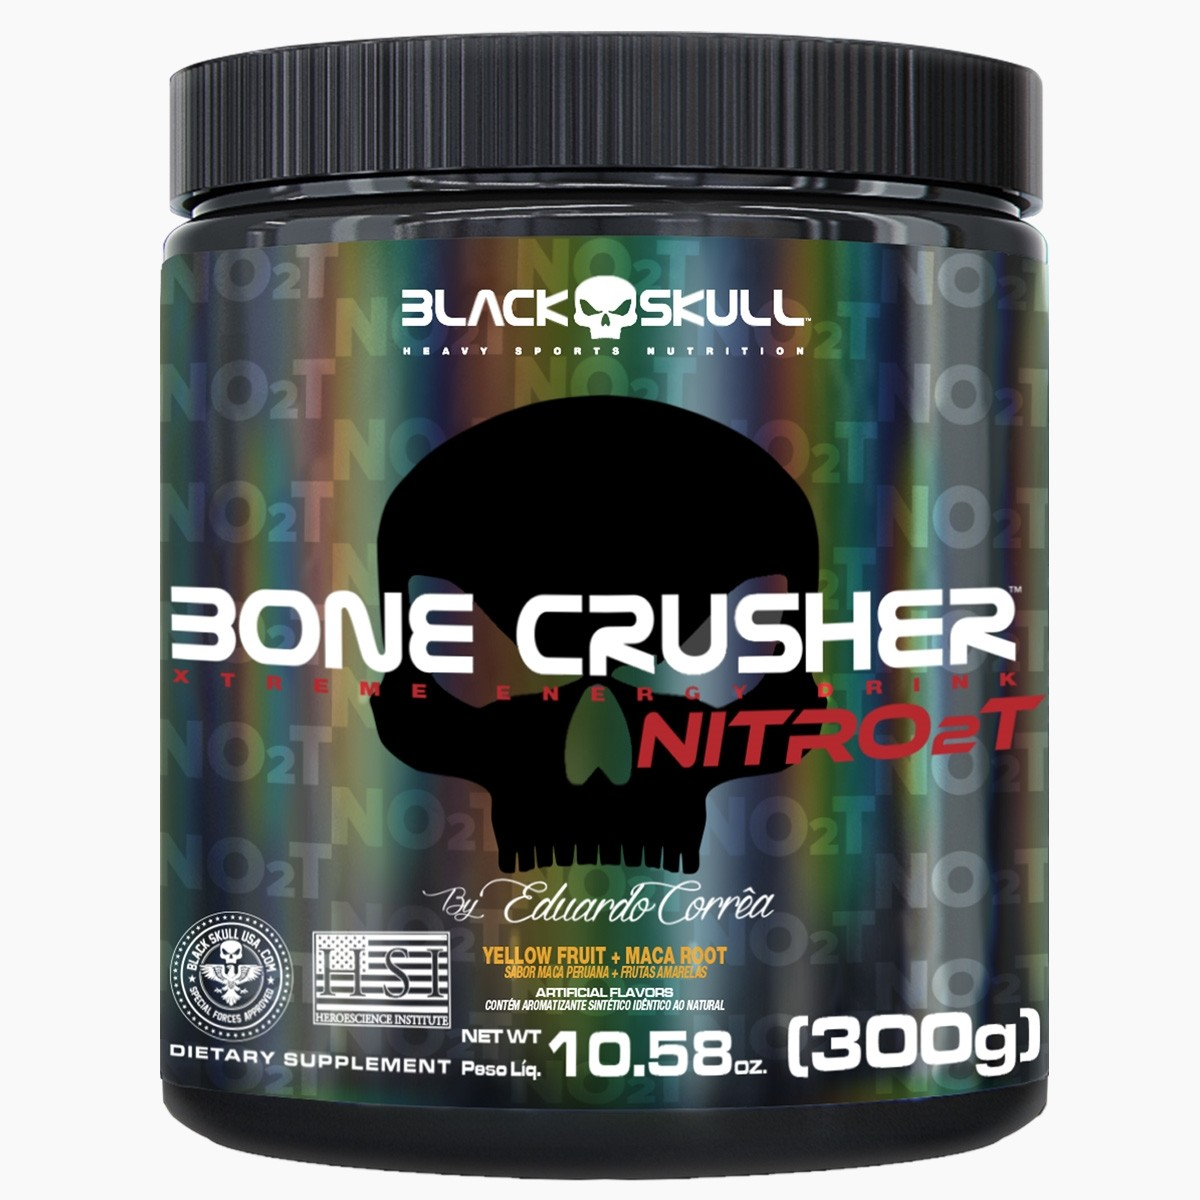 Imagem do produto NOVO BONE CRUSHER NITRO 2T - PRÉ-TREINO 300G